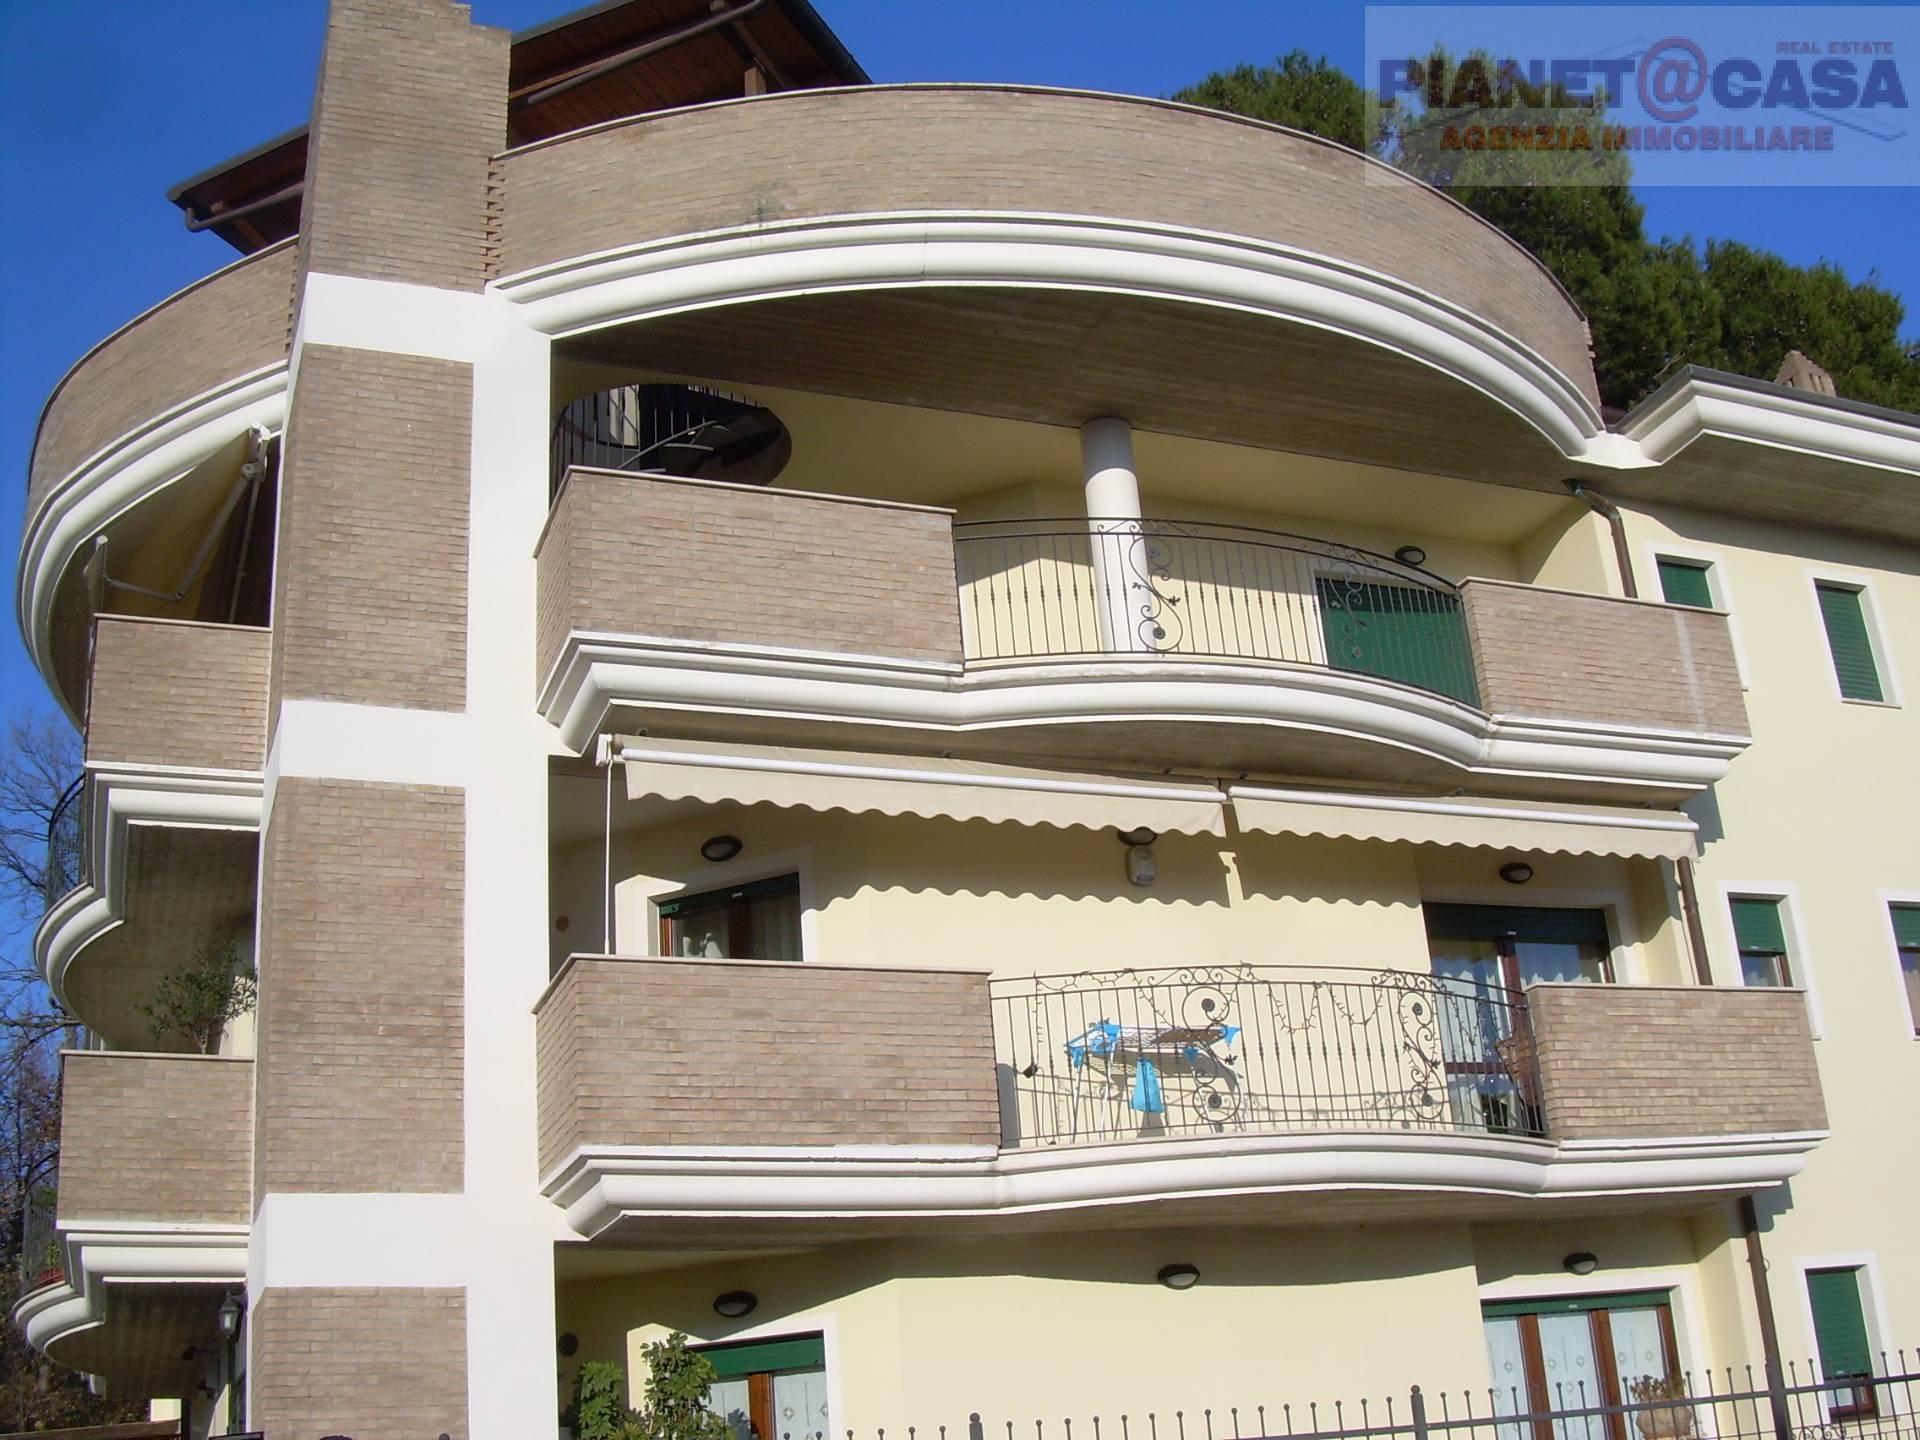 Appartamento in affitto a Castel di Lama, 5 locali, zona Zona: Piattoni, prezzo € 550 | Cambio Casa.it